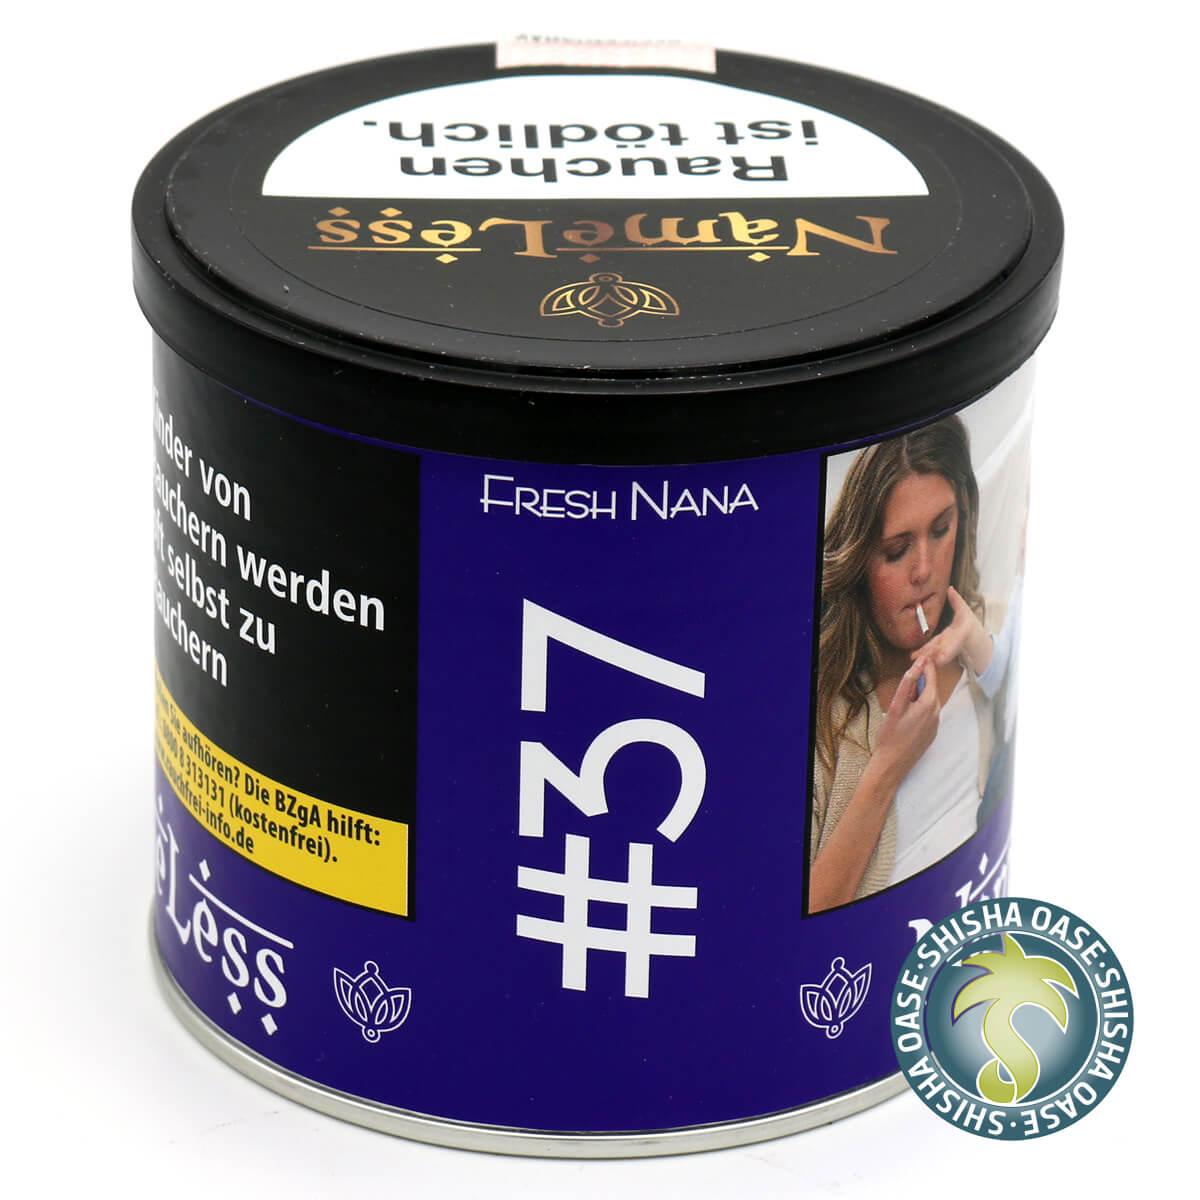 Nameless Tabak #37 Fresh Nana 200g